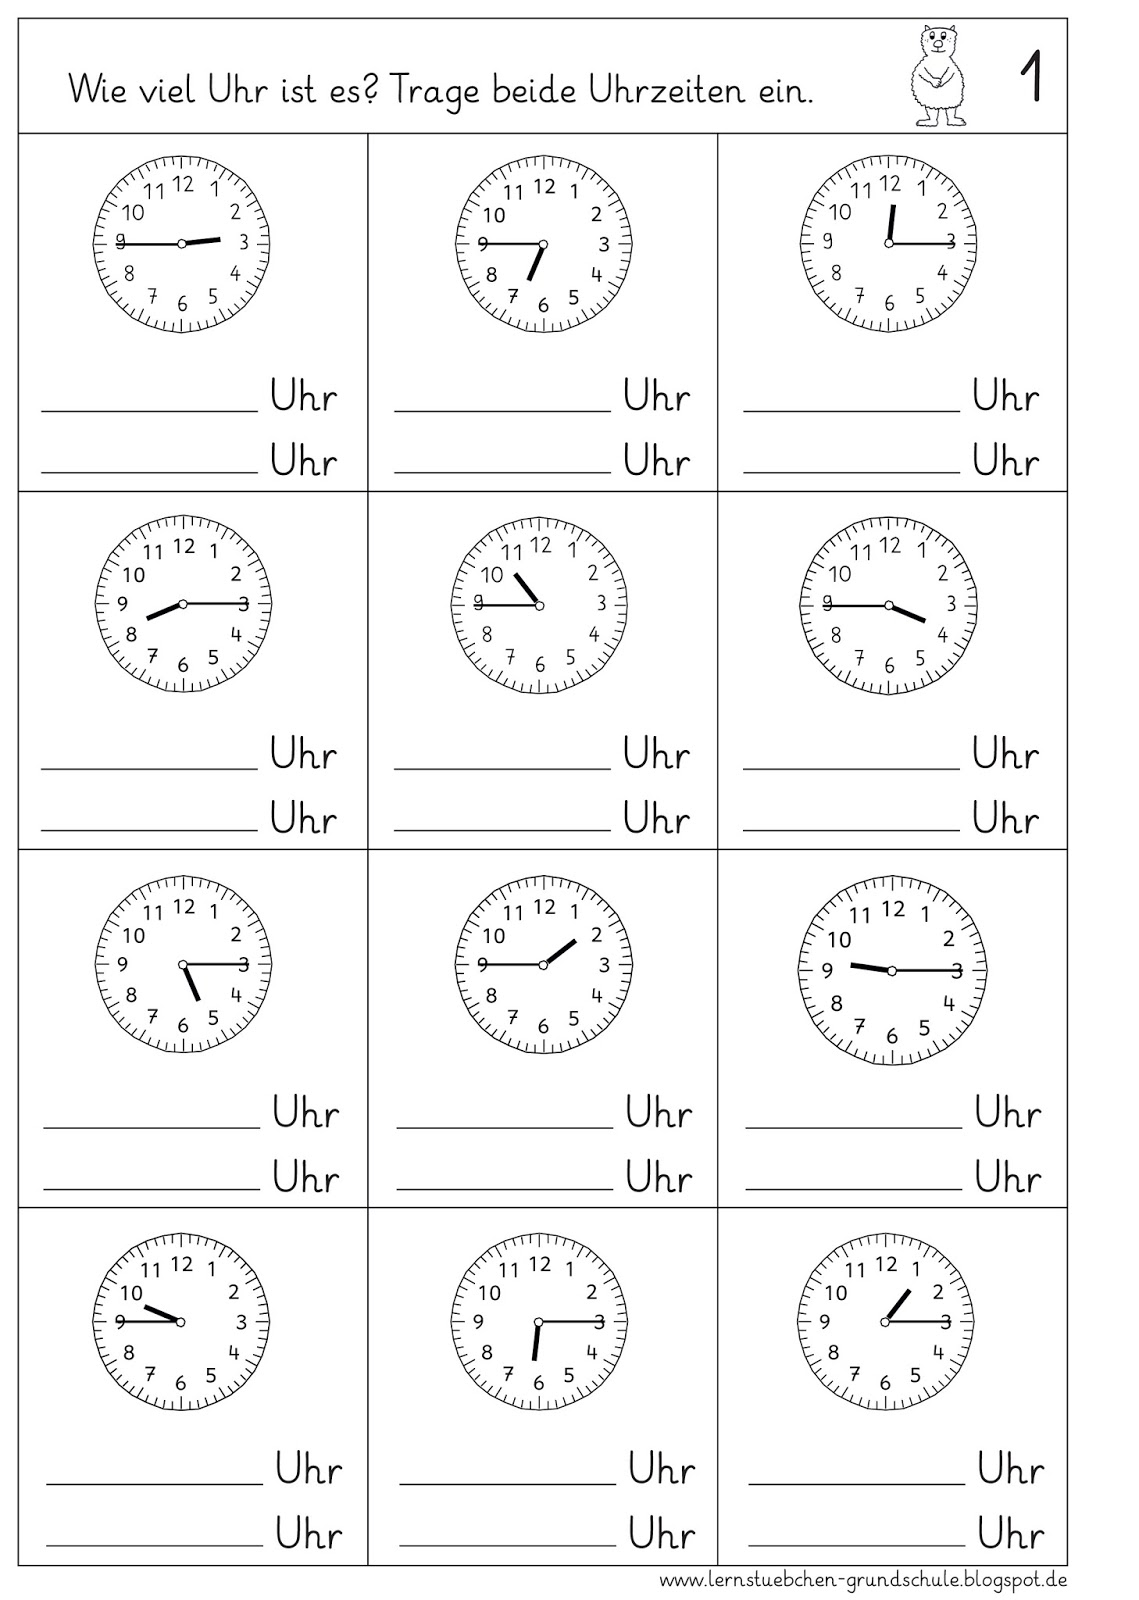 Lernstubchen Uhrzeiten Lesen